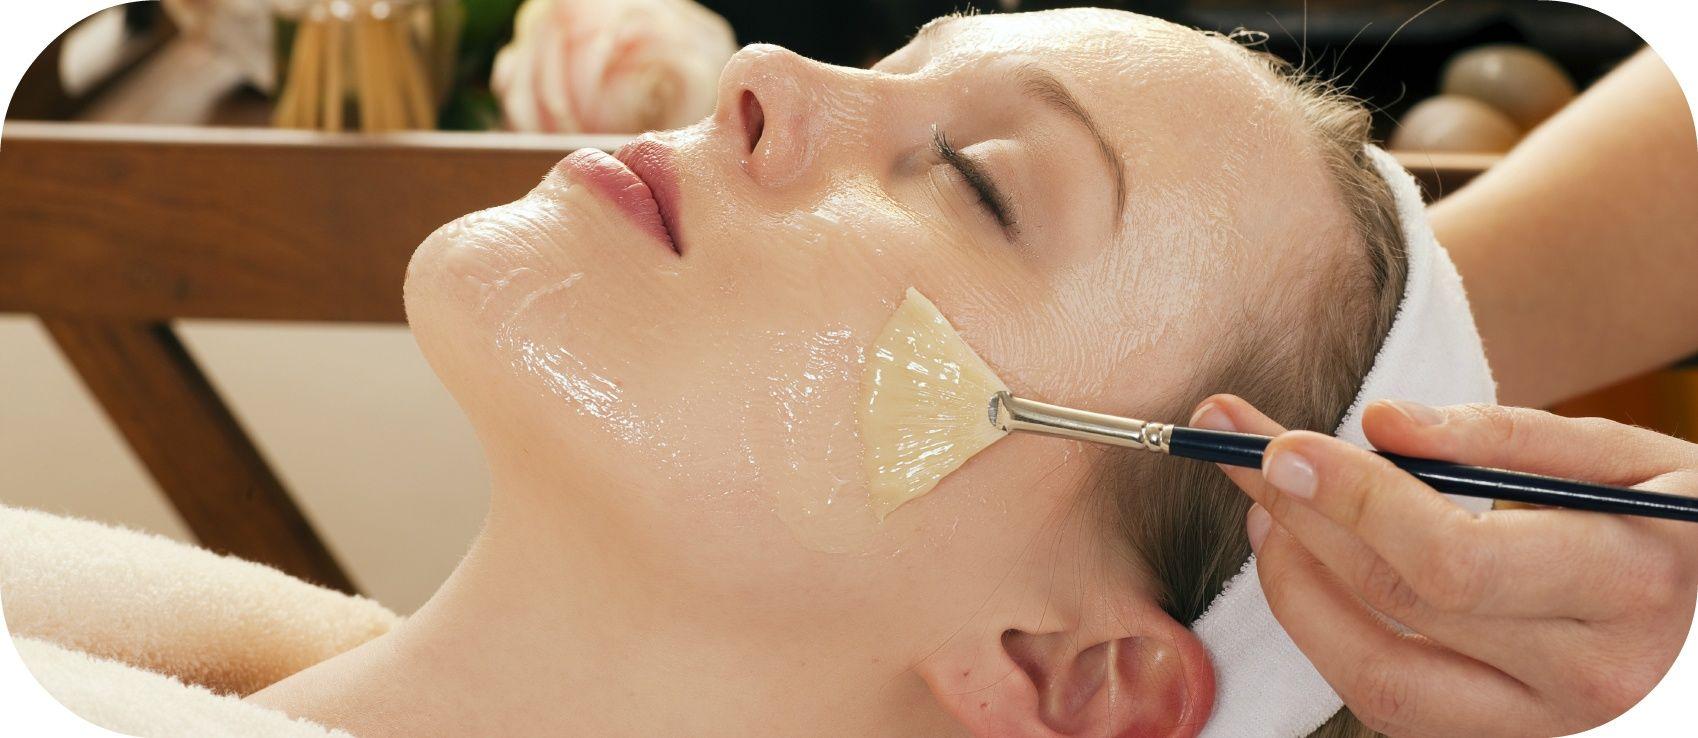 Курсы массажа маникюра косметологов